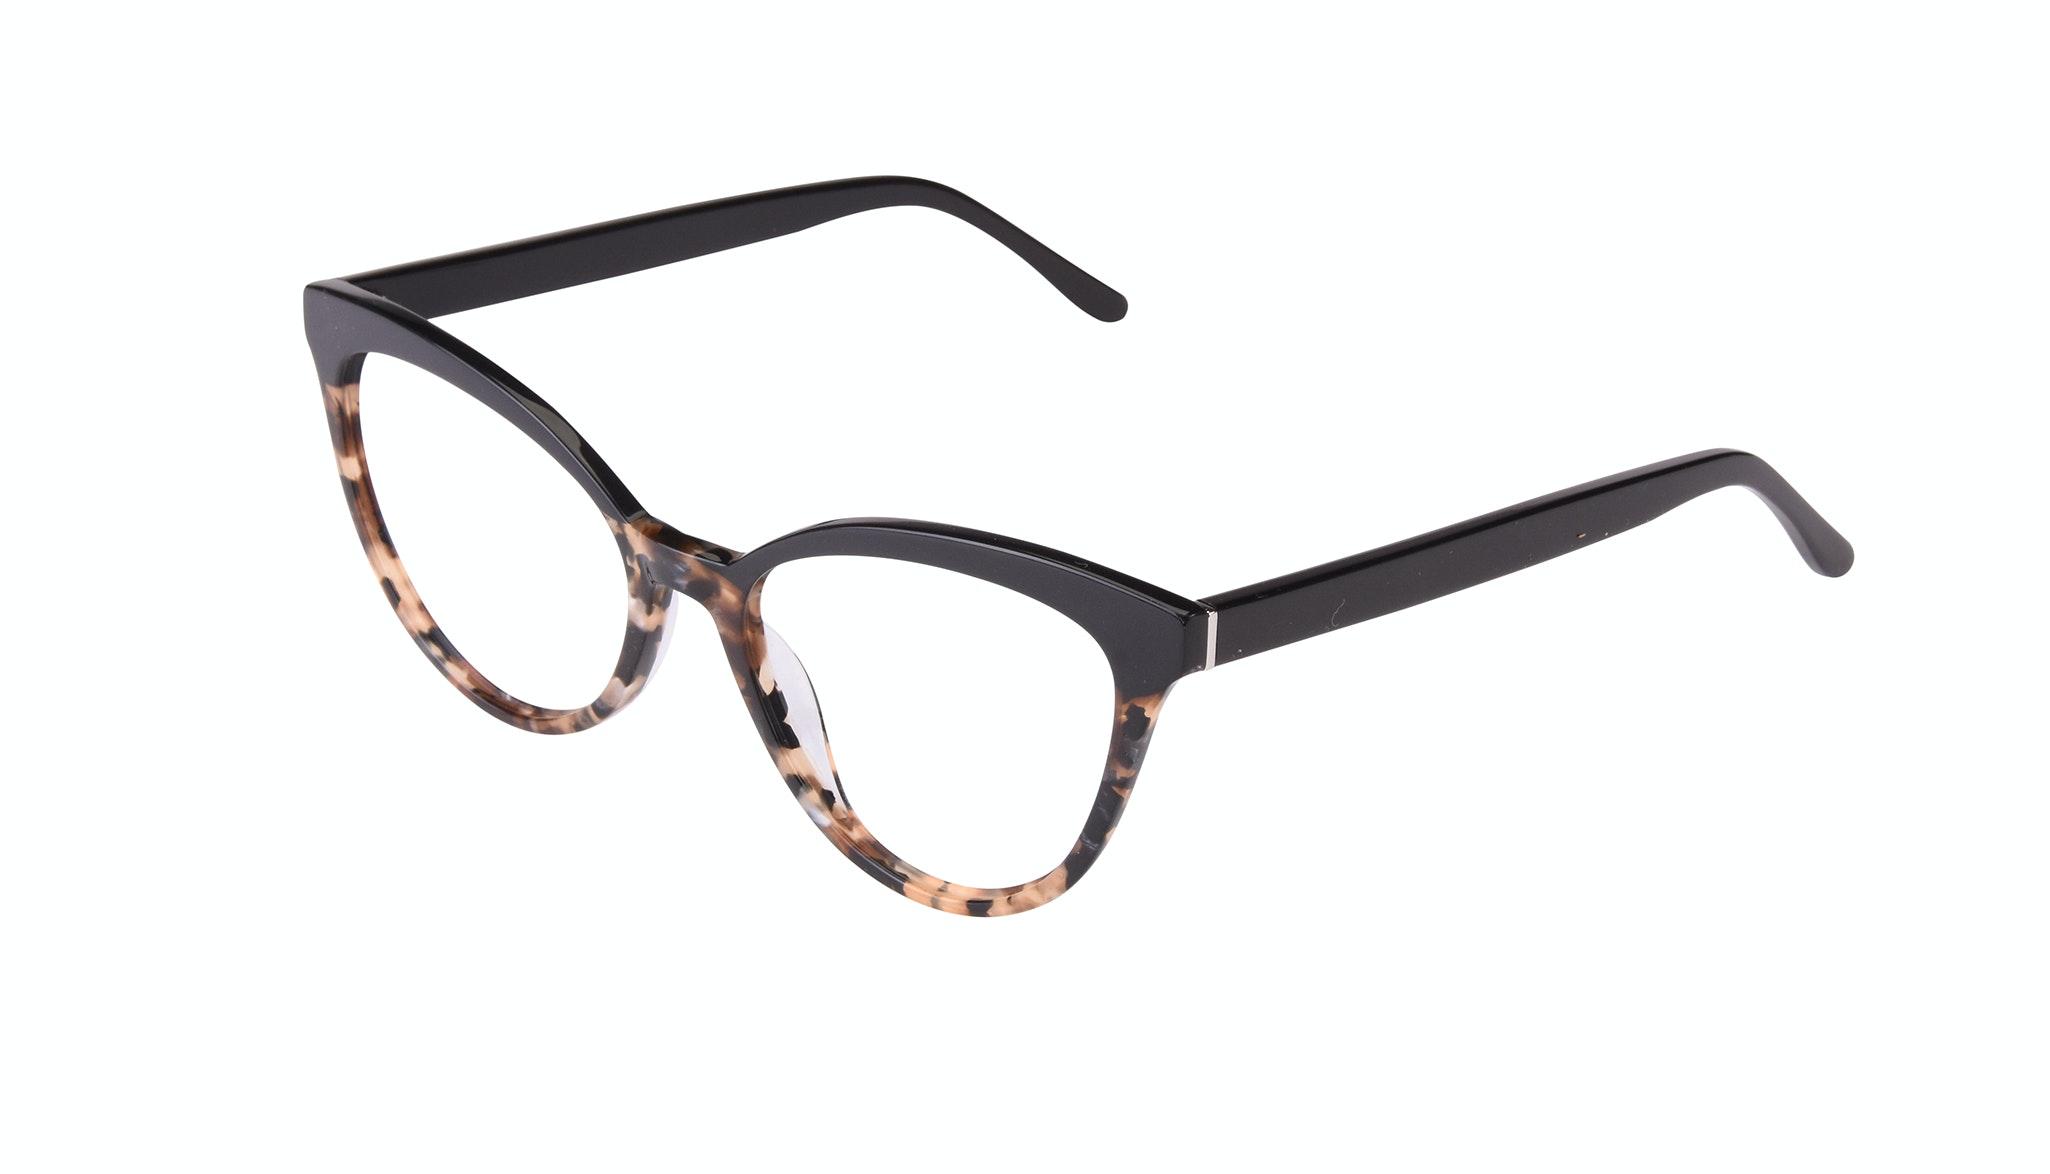 Affordable Fashion Glasses Cat Eye Daring Cateye Eyeglasses Women Reverie Dark Tortoise Tilt